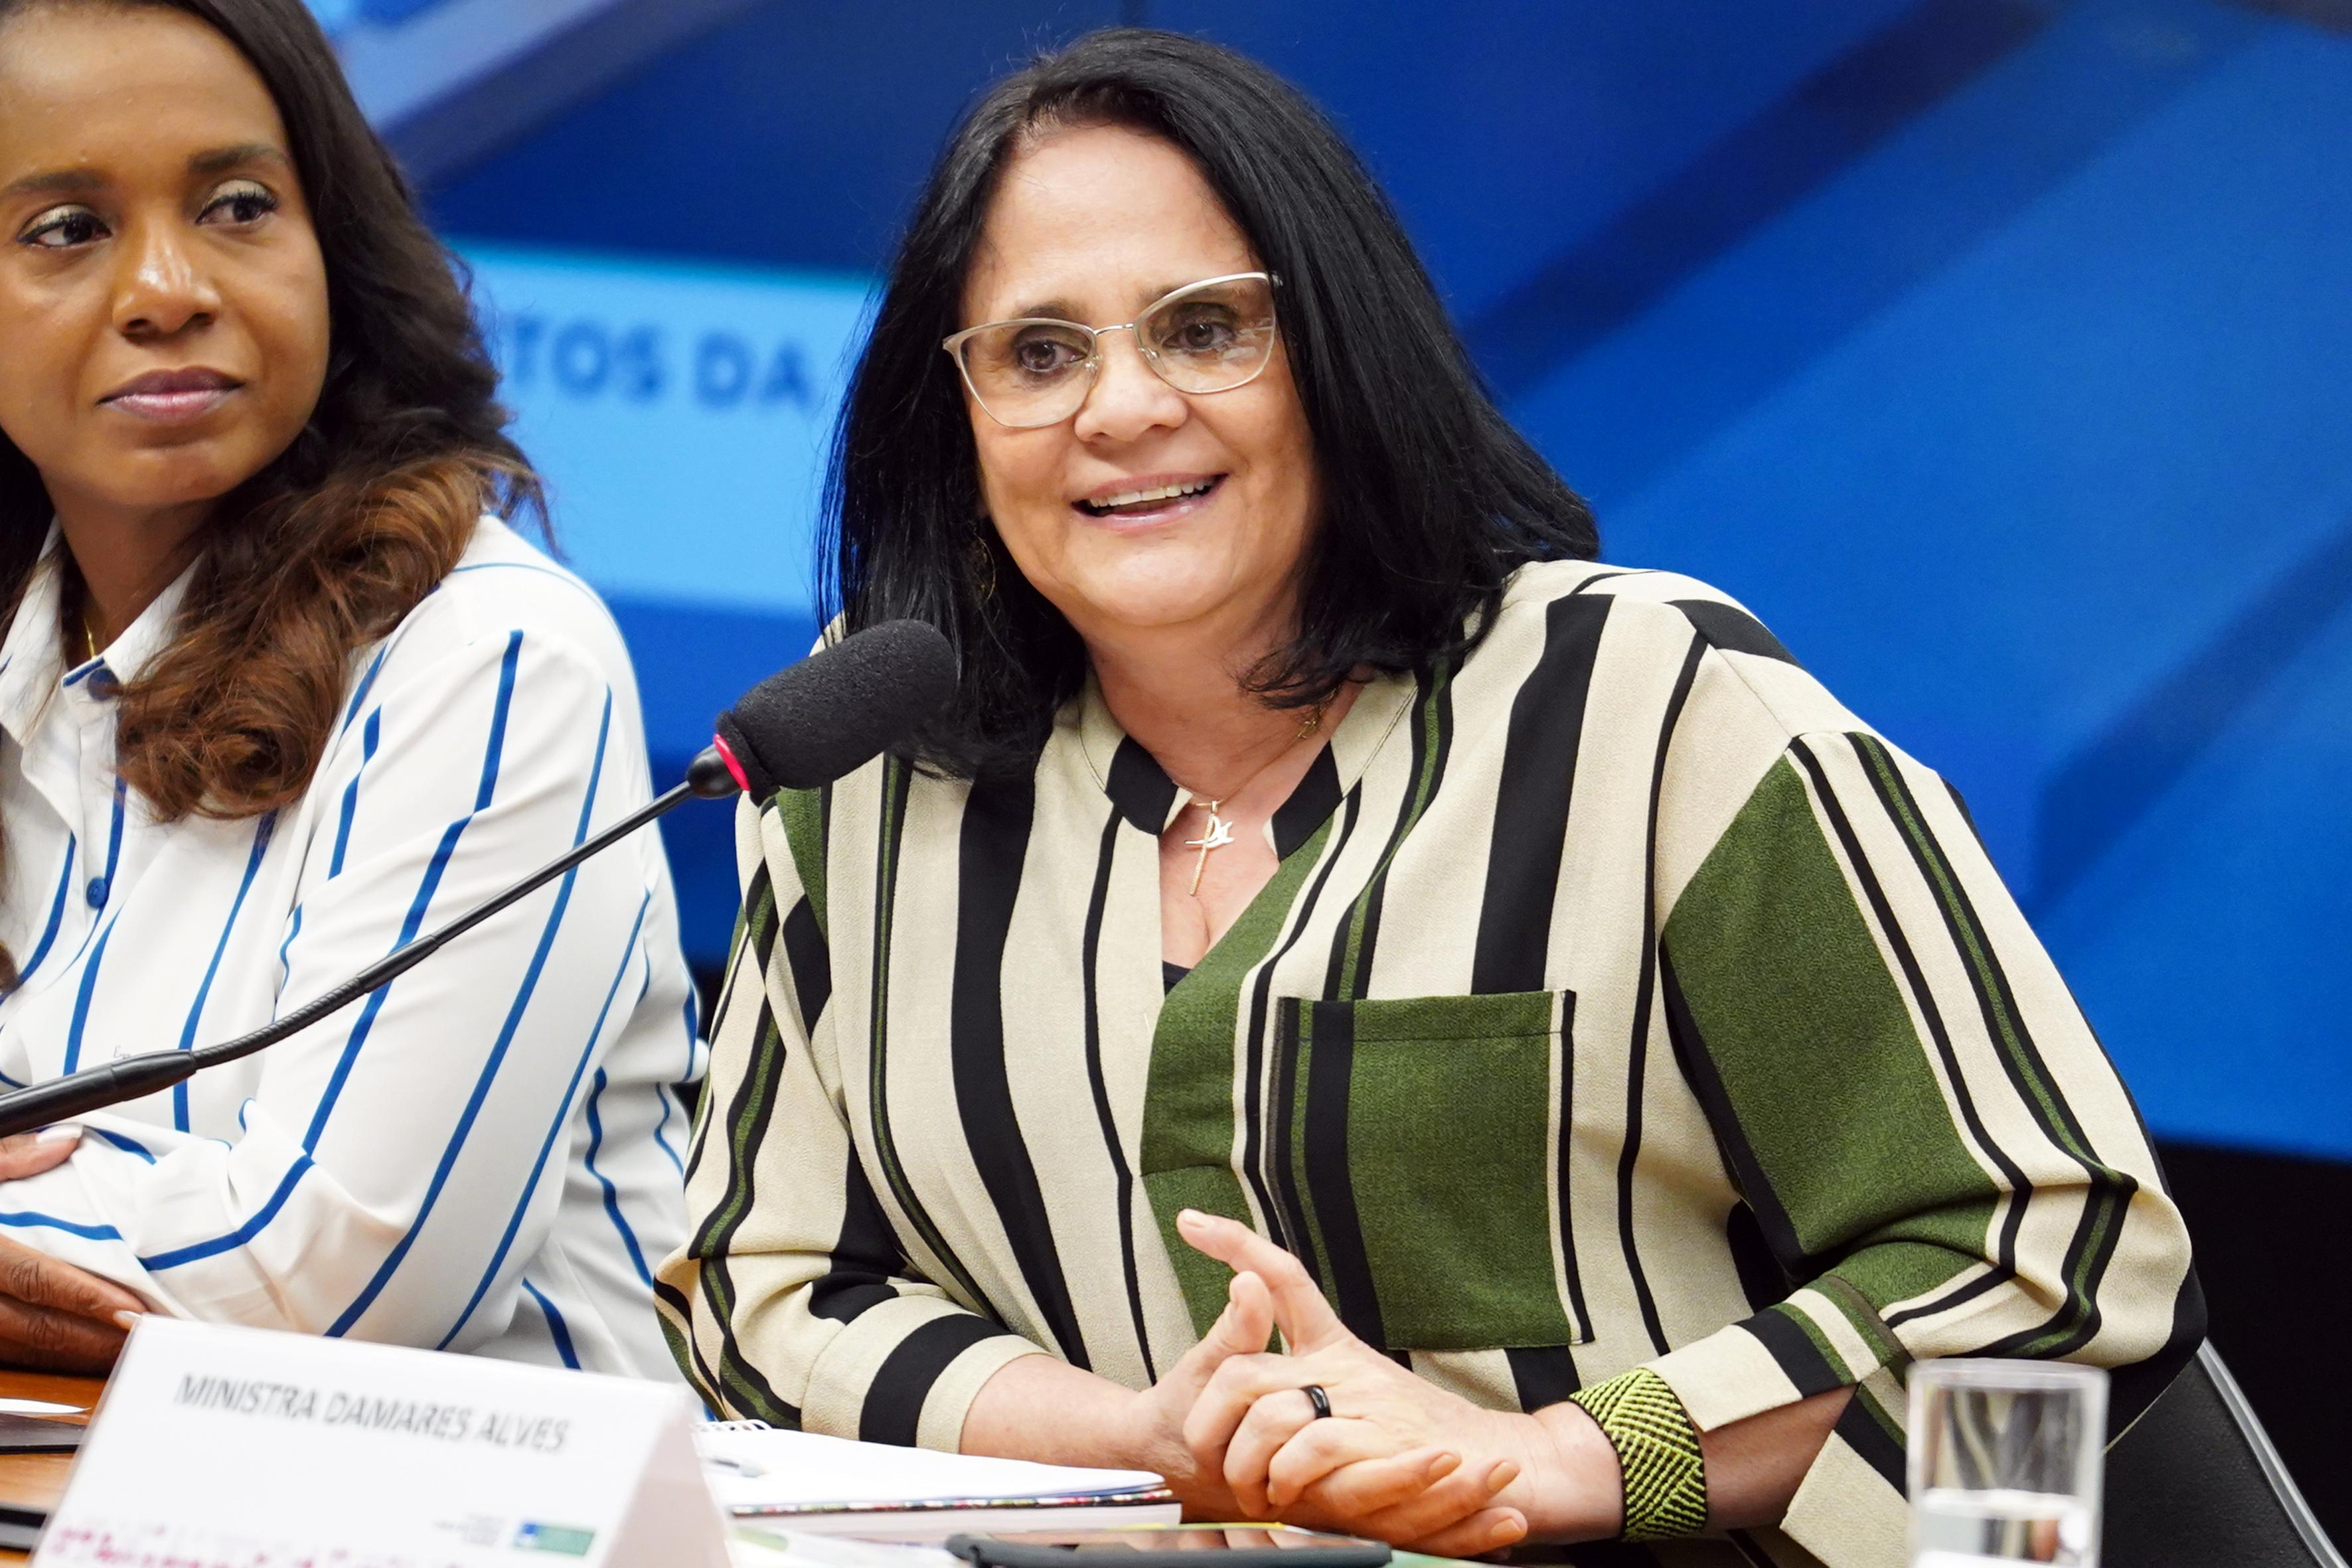 Audiência pública sobre as perspectivas de atuação futura do Ministério da Mulher. Ministra da Mulher, da Família e dos Direitos Humanos, Damares Alves